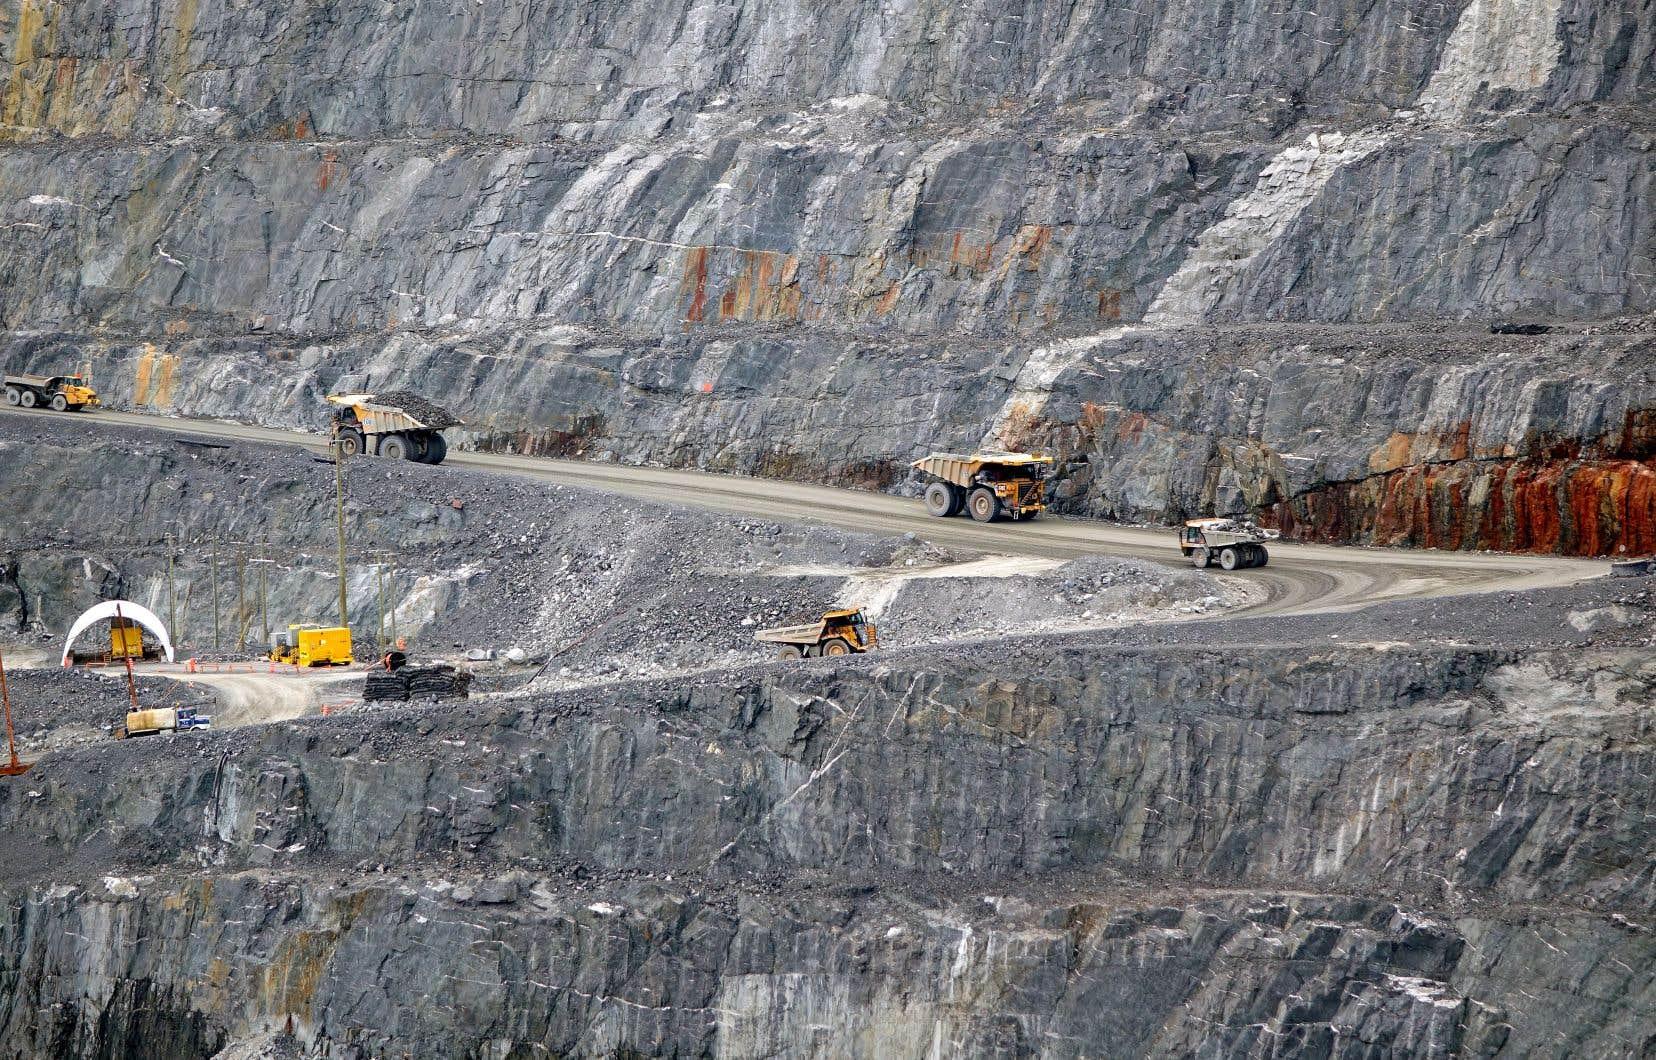 La mine à ciel ouvert d'Osisko à Malartic, en Abitibi-Témiscamingue, a été ouverte en 2011.